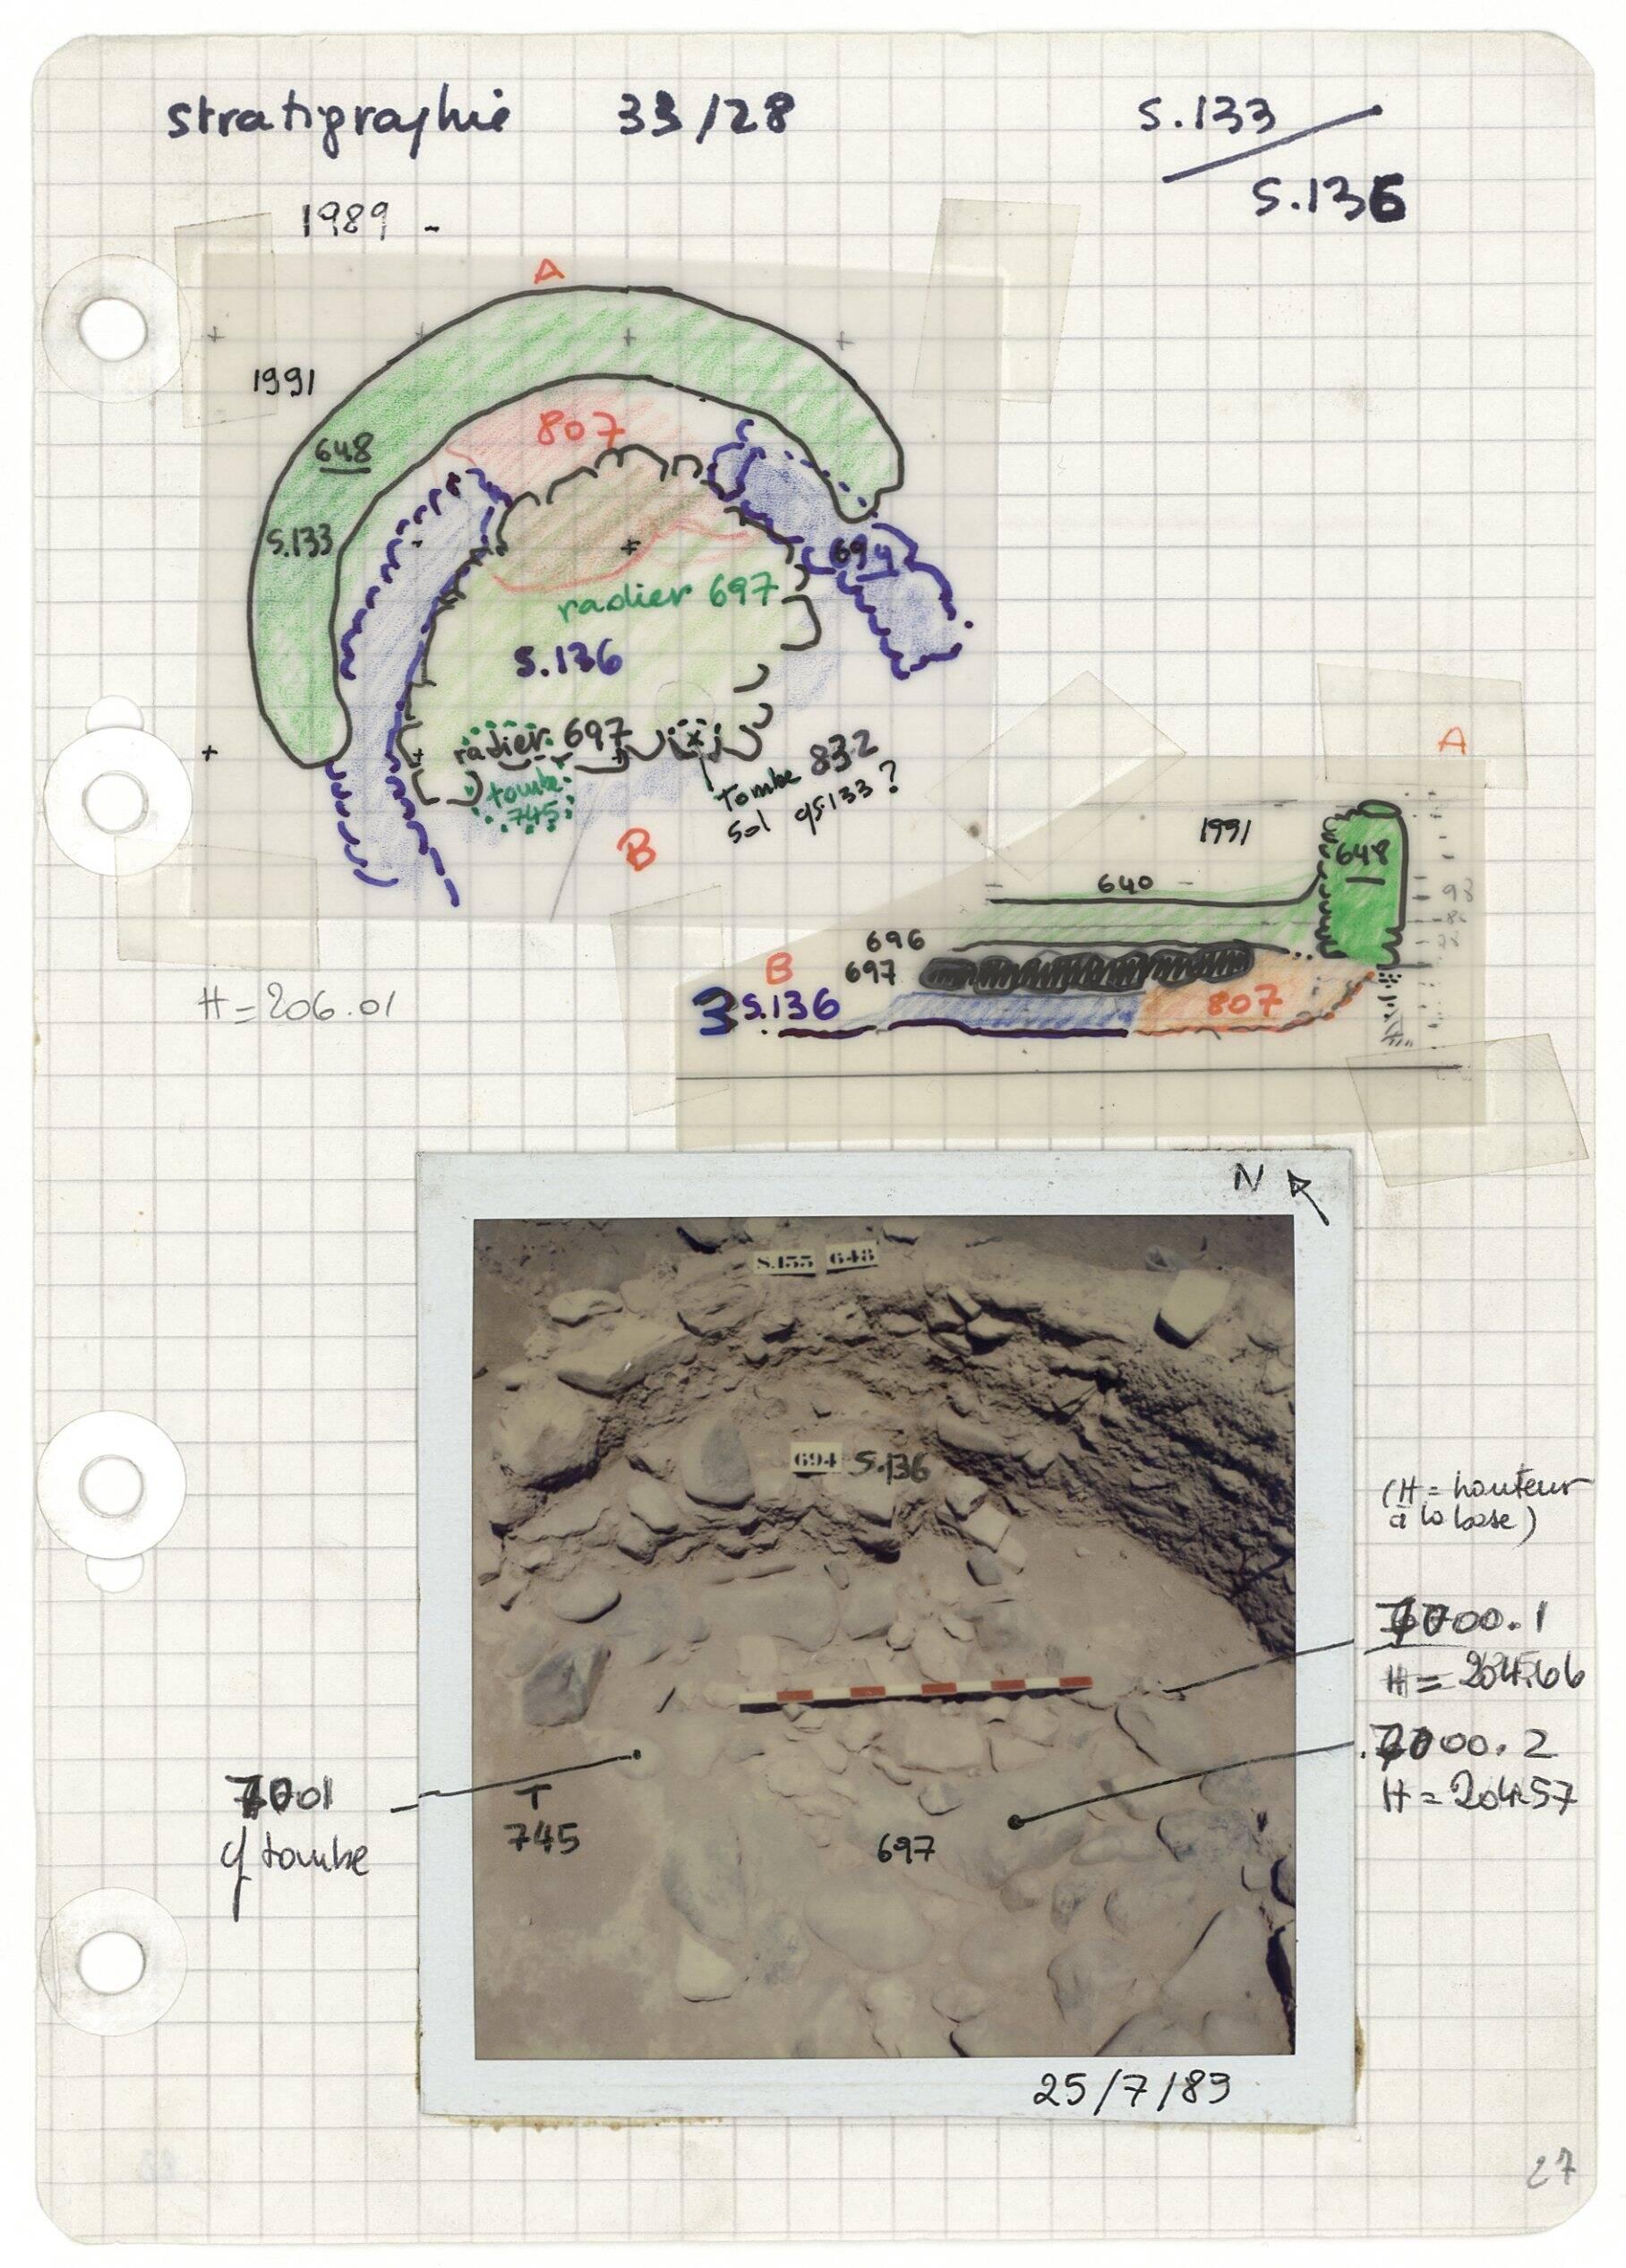 Page d'un carnet de fouilles à Khirokitia, 1989 (fonds Alain Le Brun)